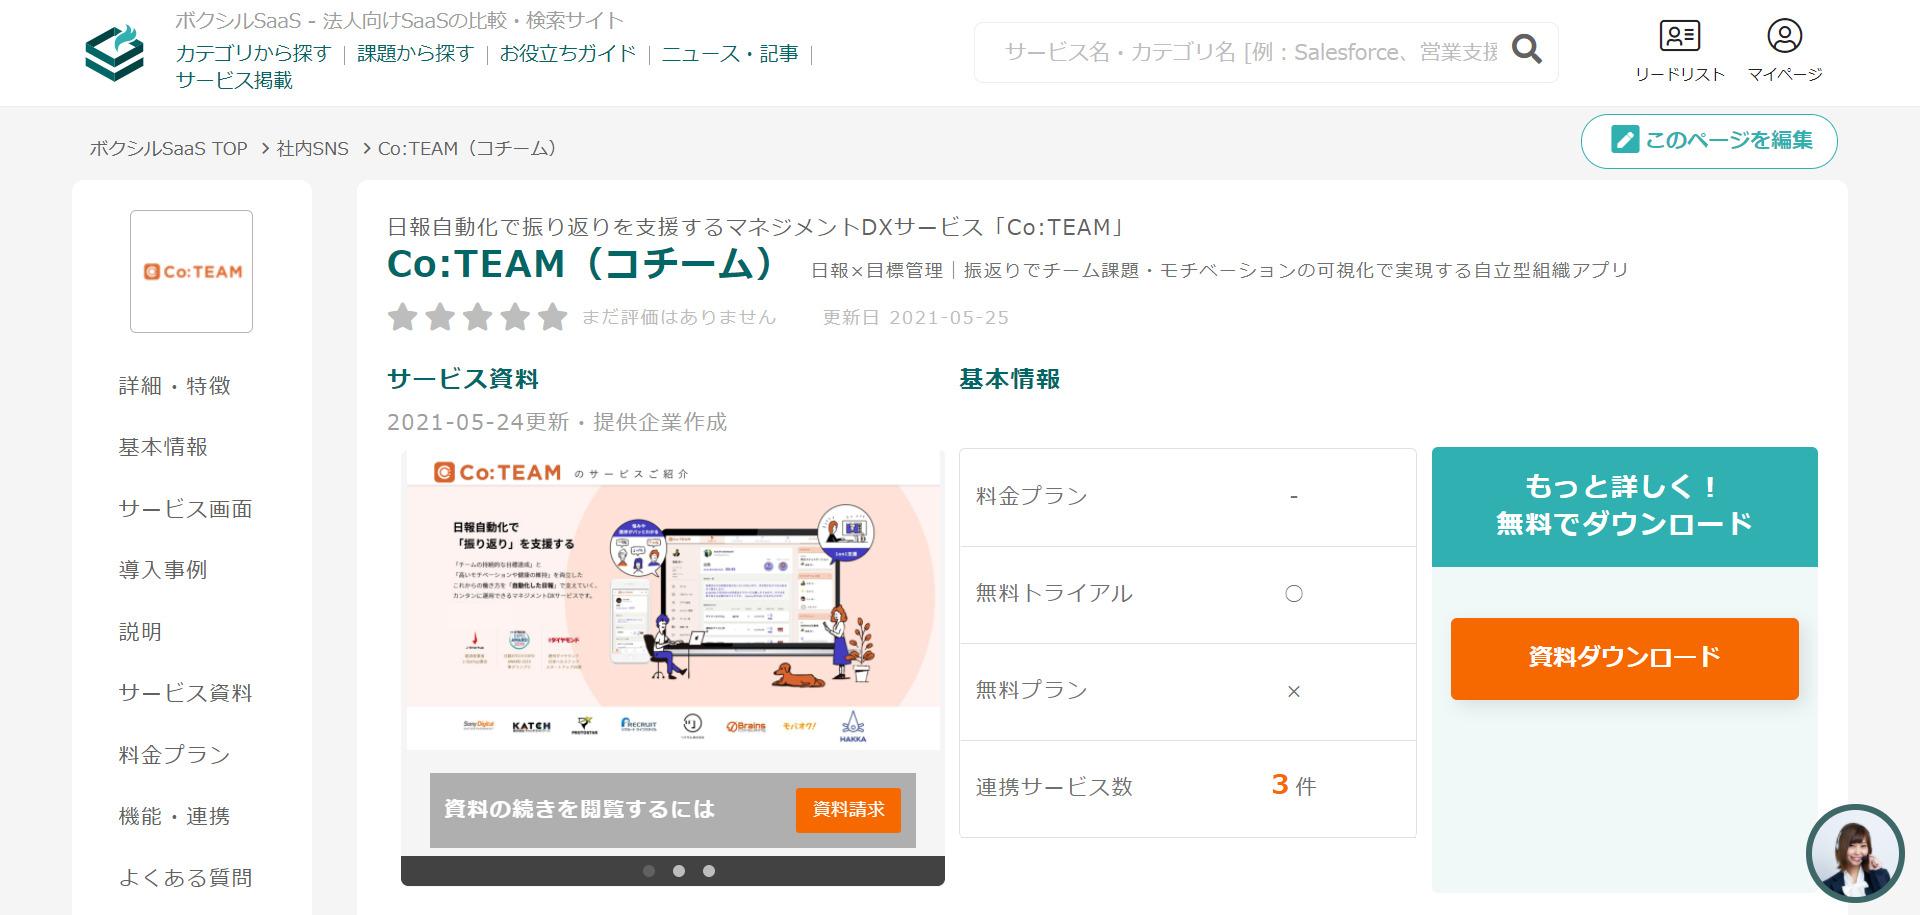 マネジメントDXツール「Co:TEAM」がBOXIL SaaSに掲載されました。